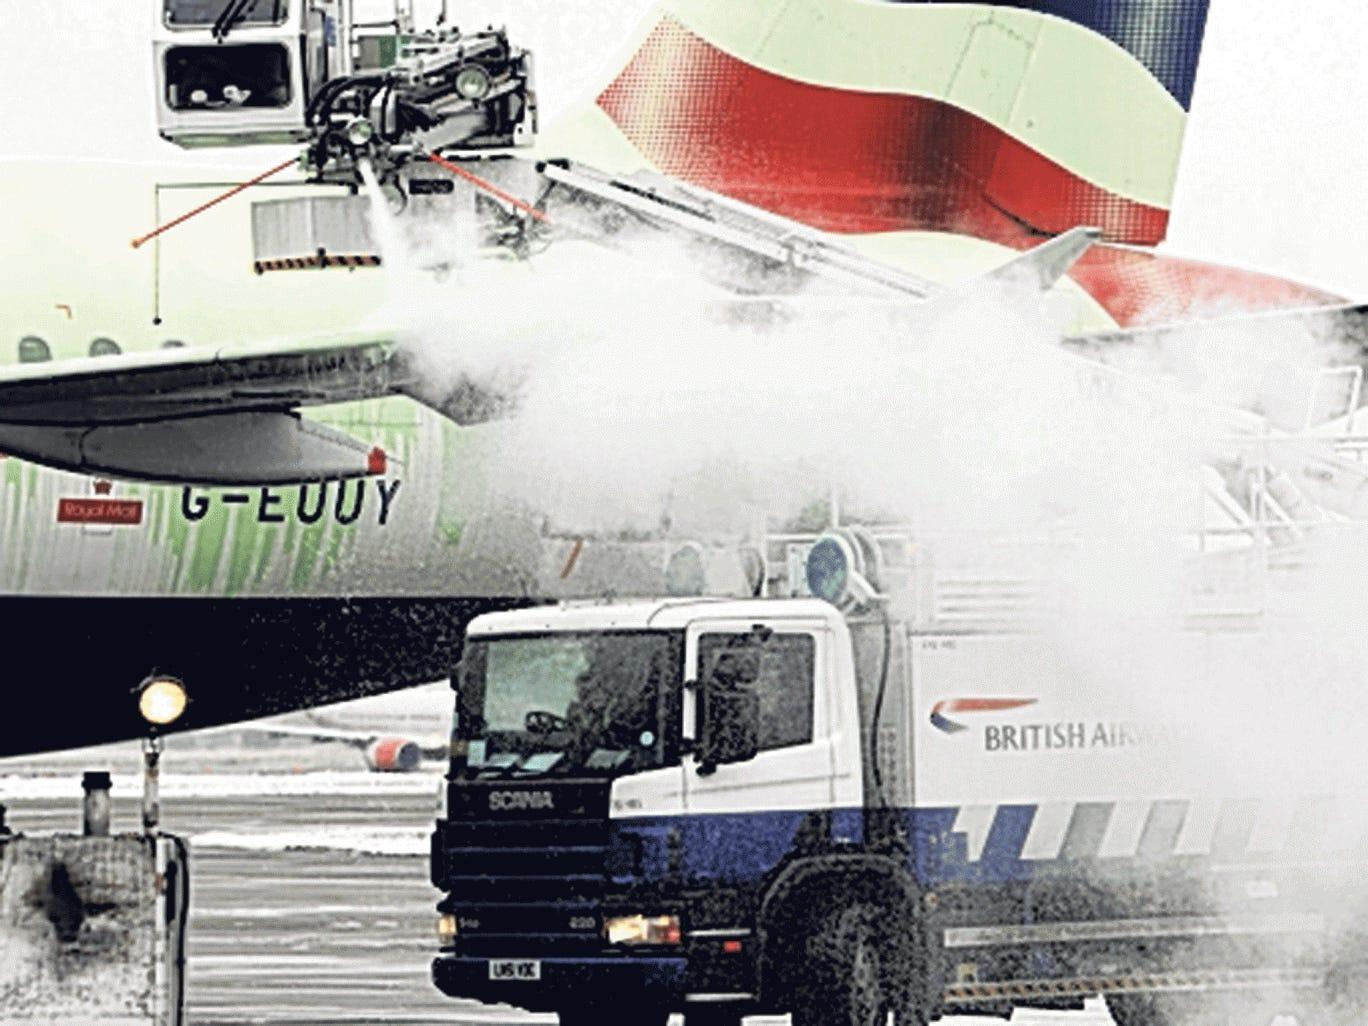 Spray day: de-icing a BA jet at Heathrow